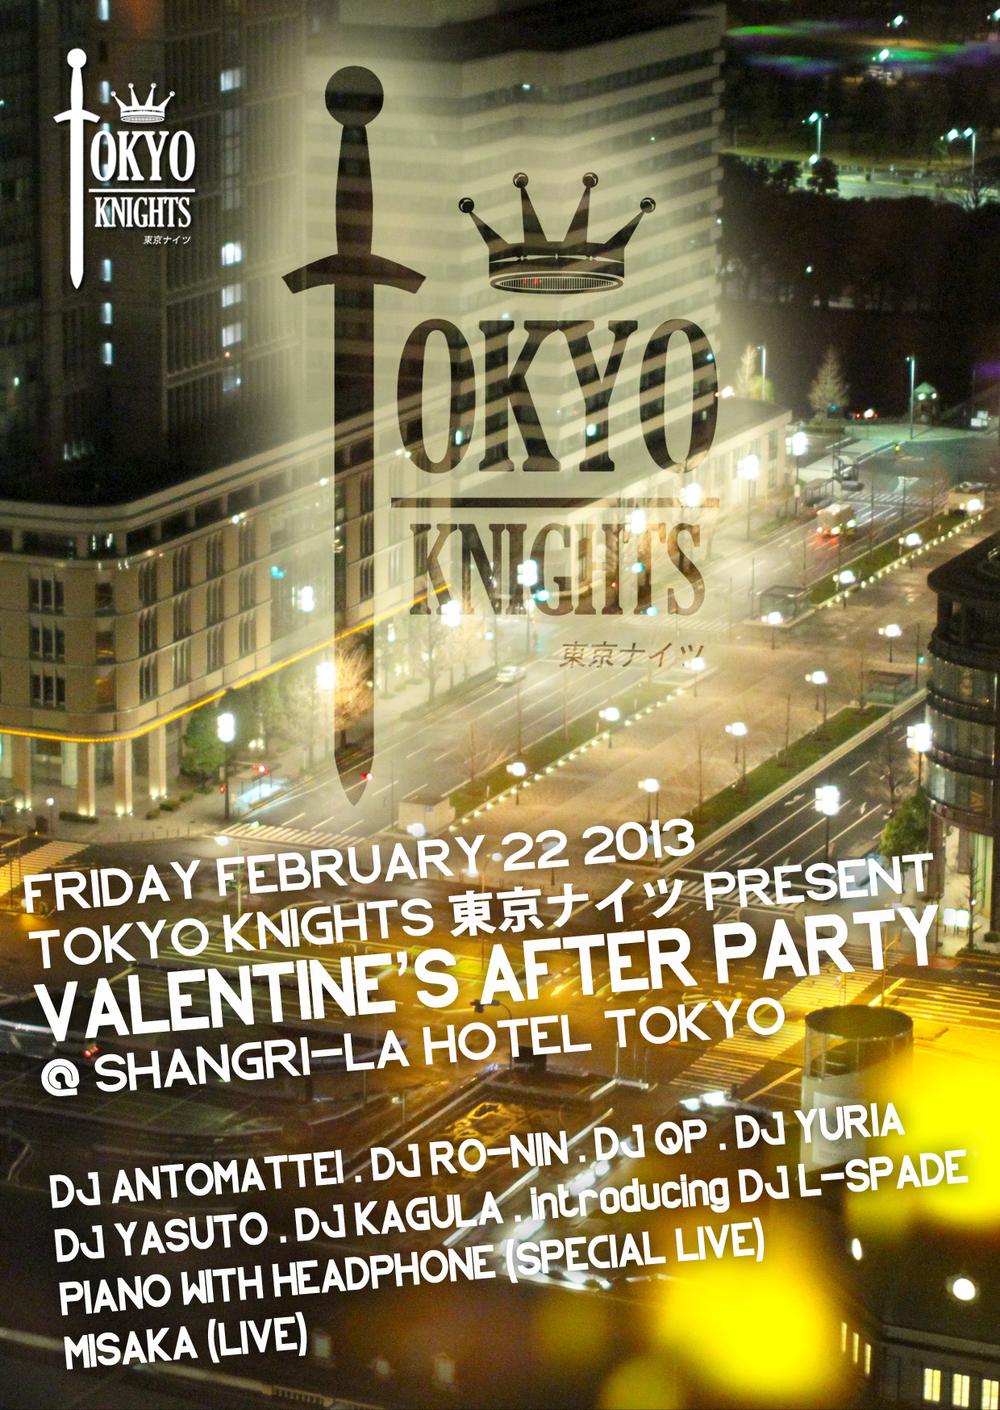 Tokyo Knights Valentine's Party.jpg